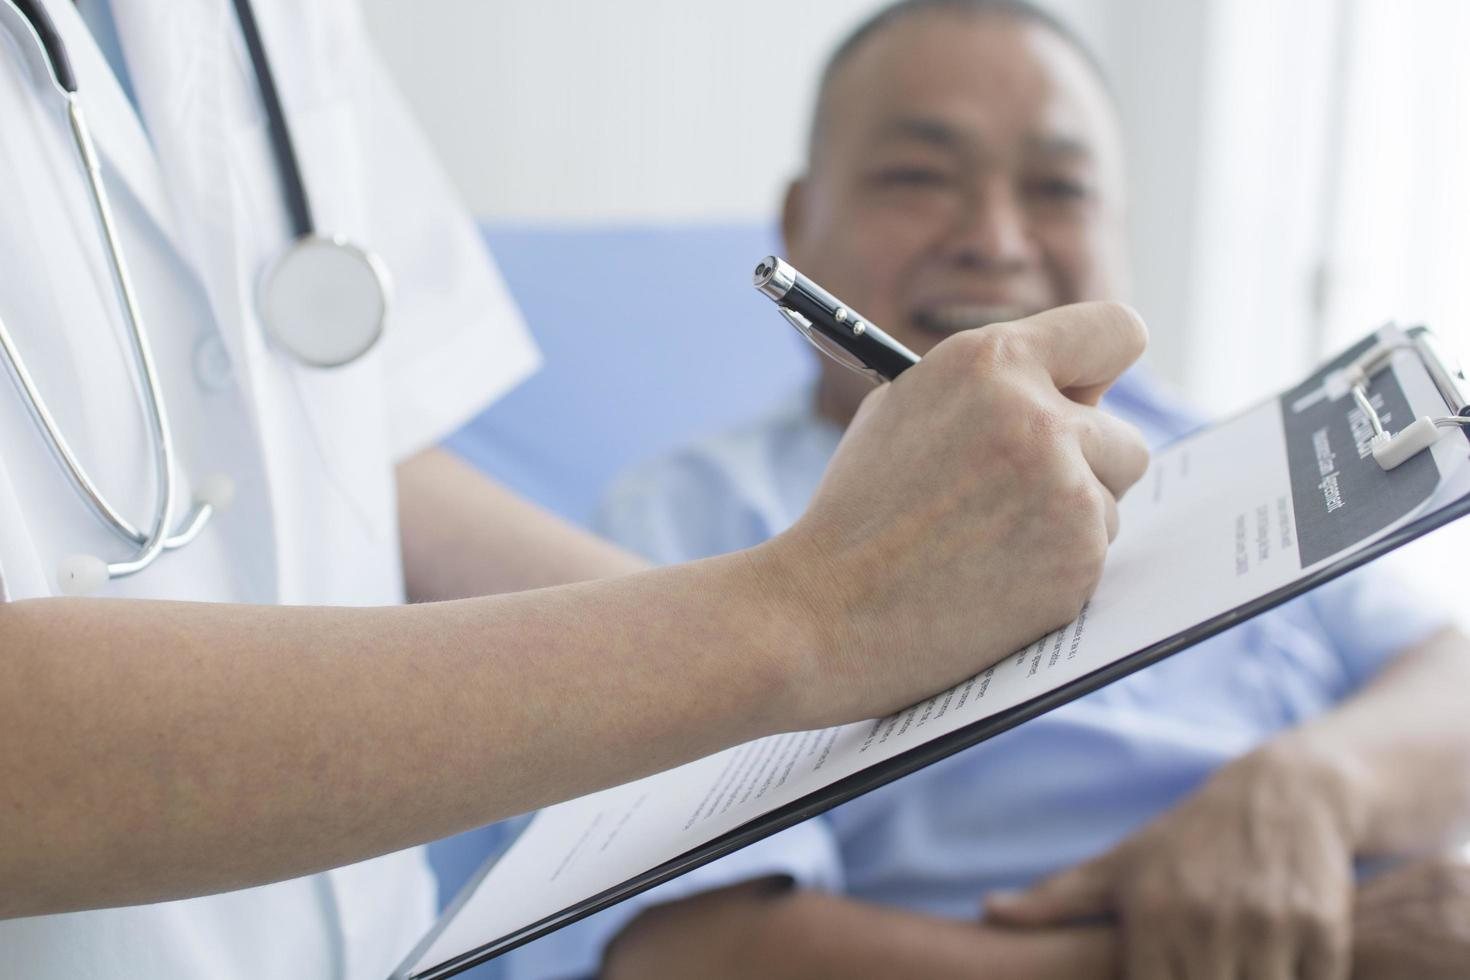 médico tomando notas en el portapapeles para el paciente foto